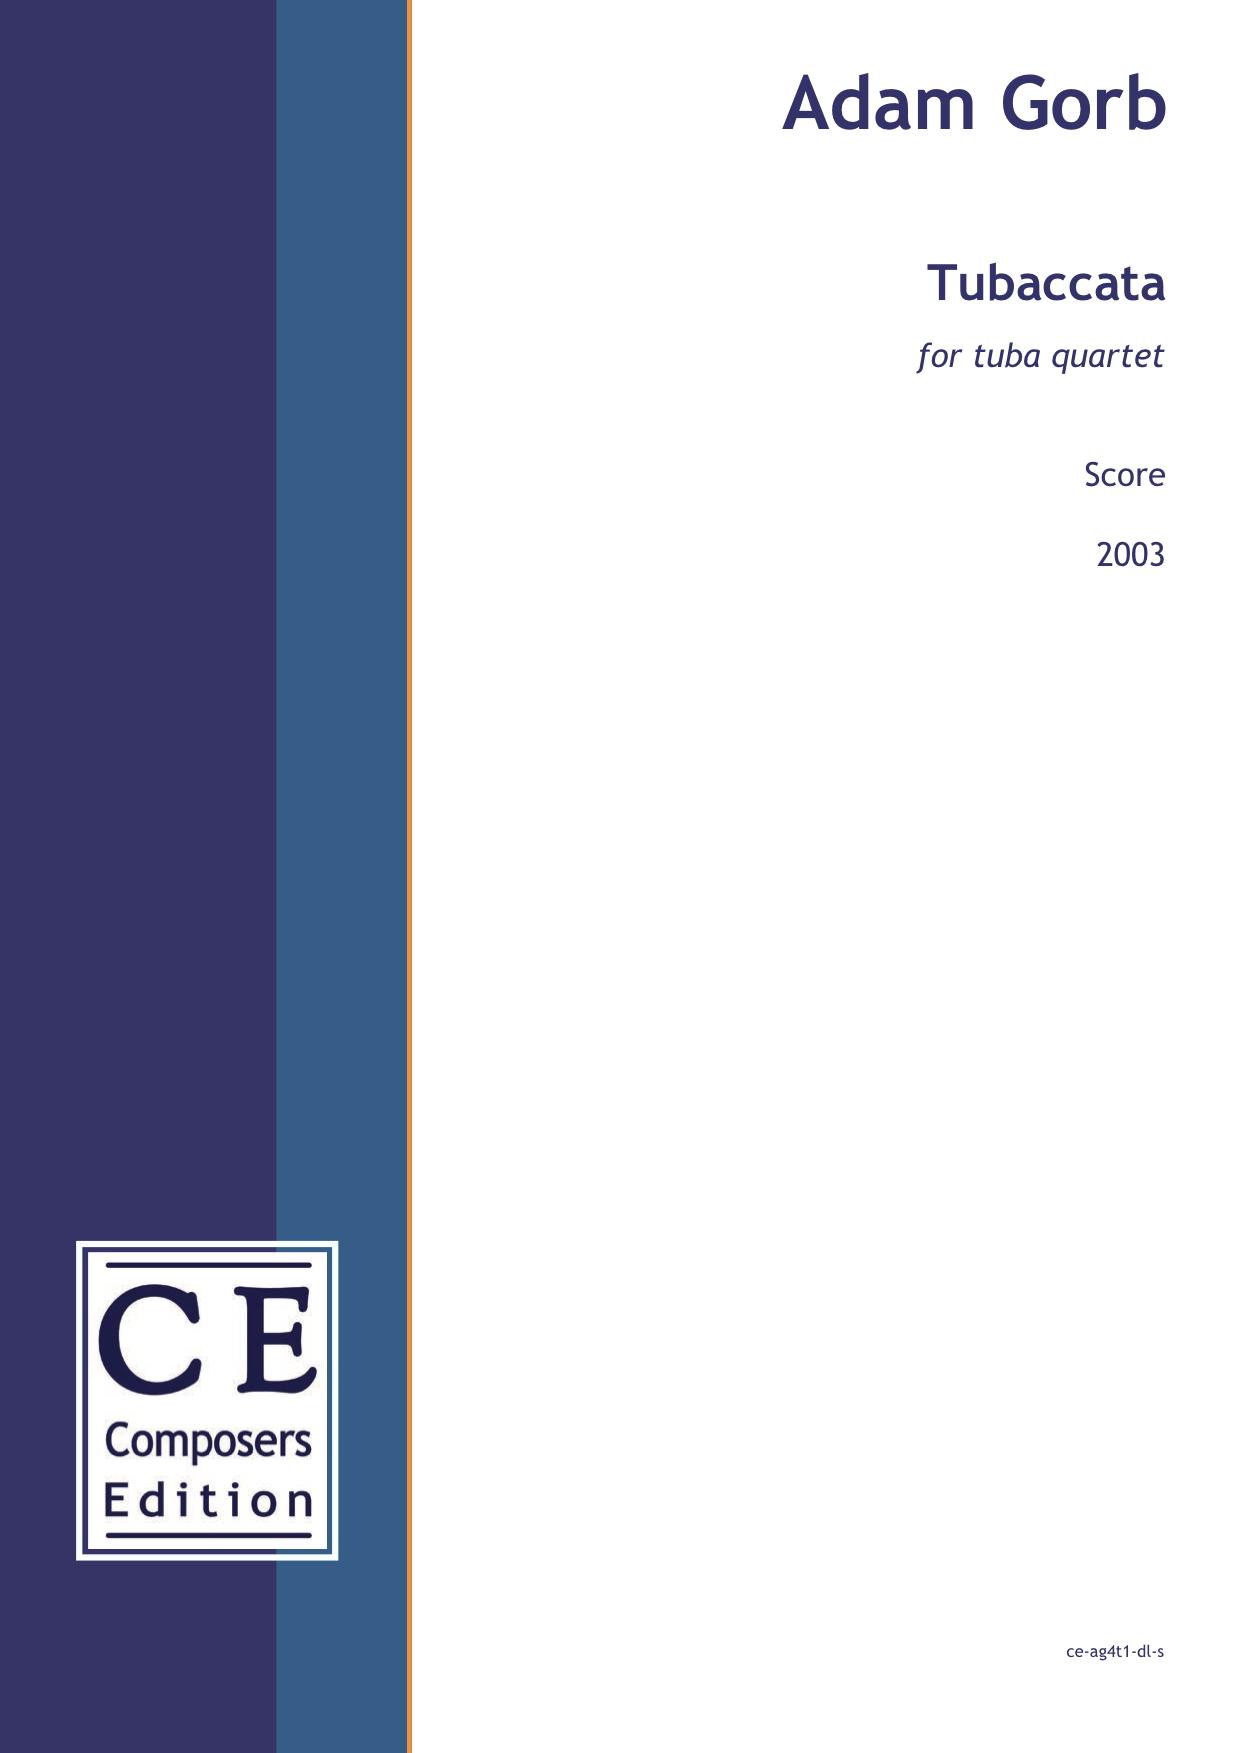 Adam Gorb: Tubaccata for tuba quartet